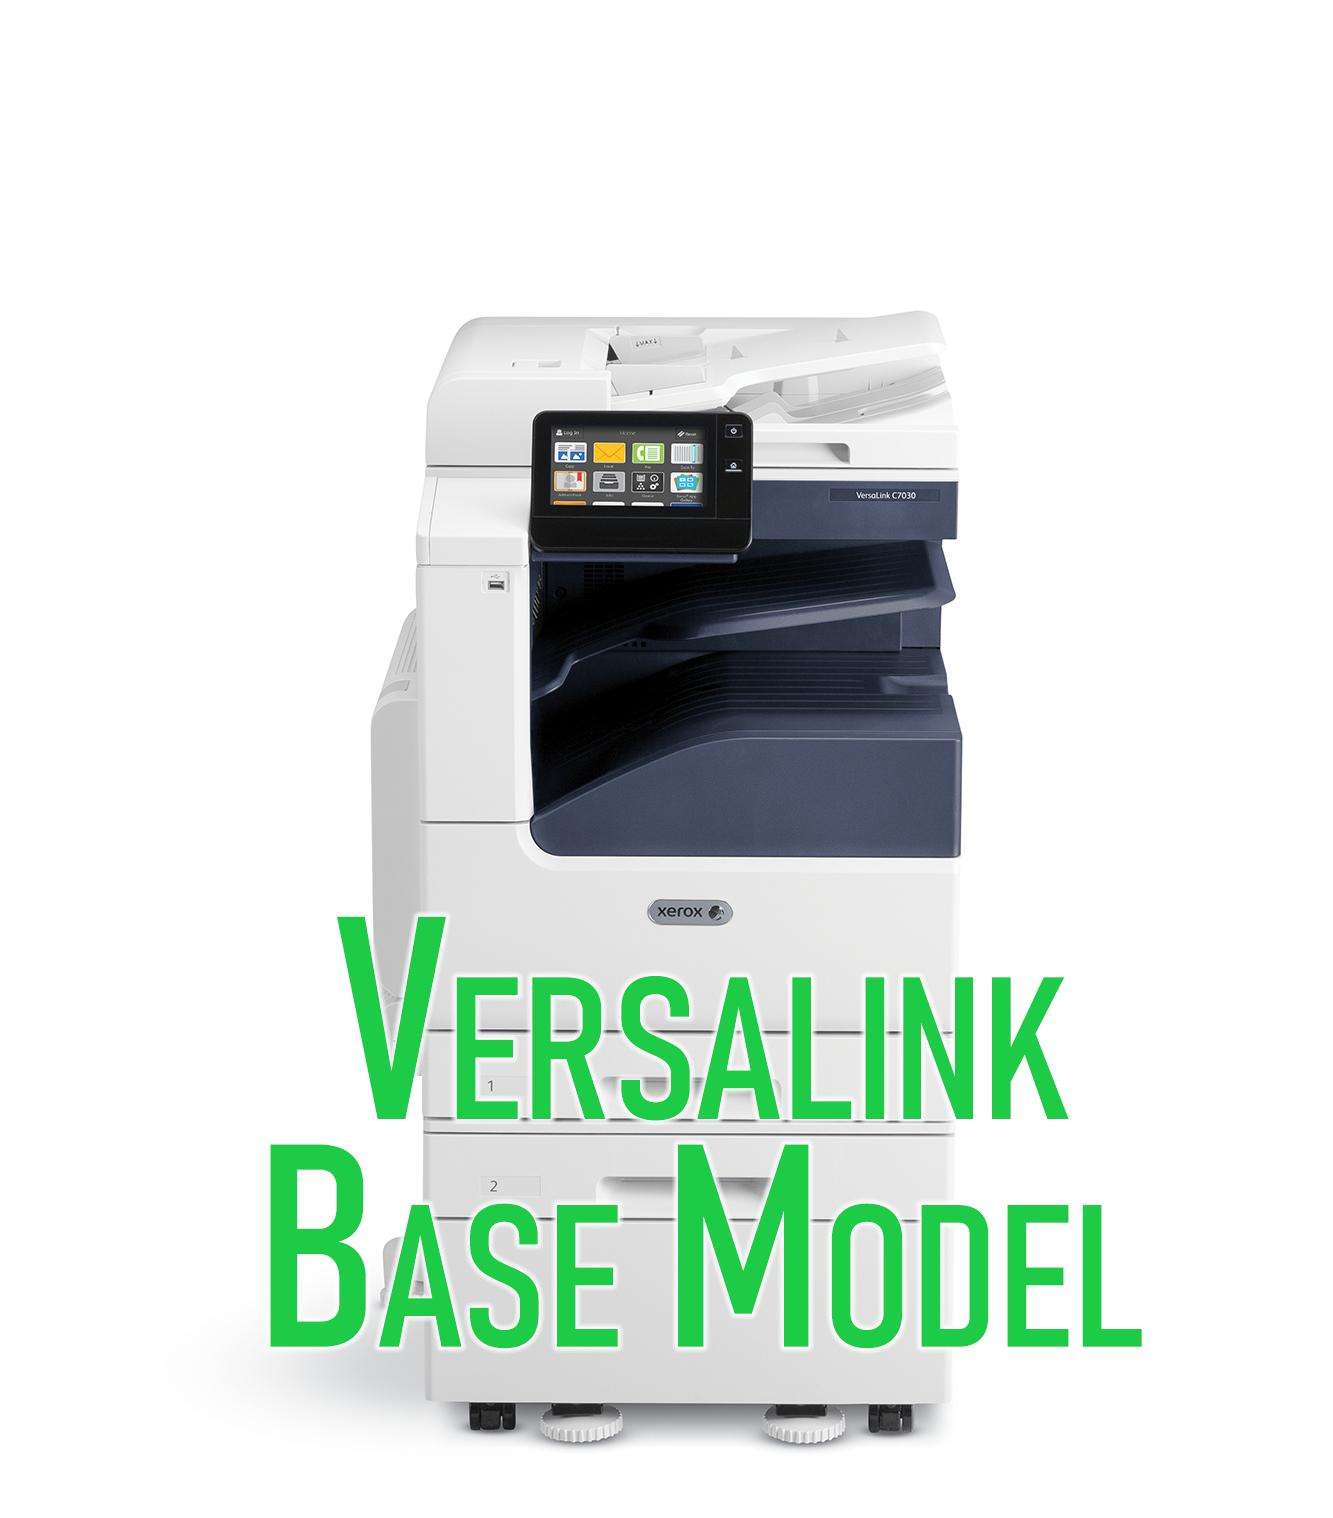 Versalink C7020 Technical Specs